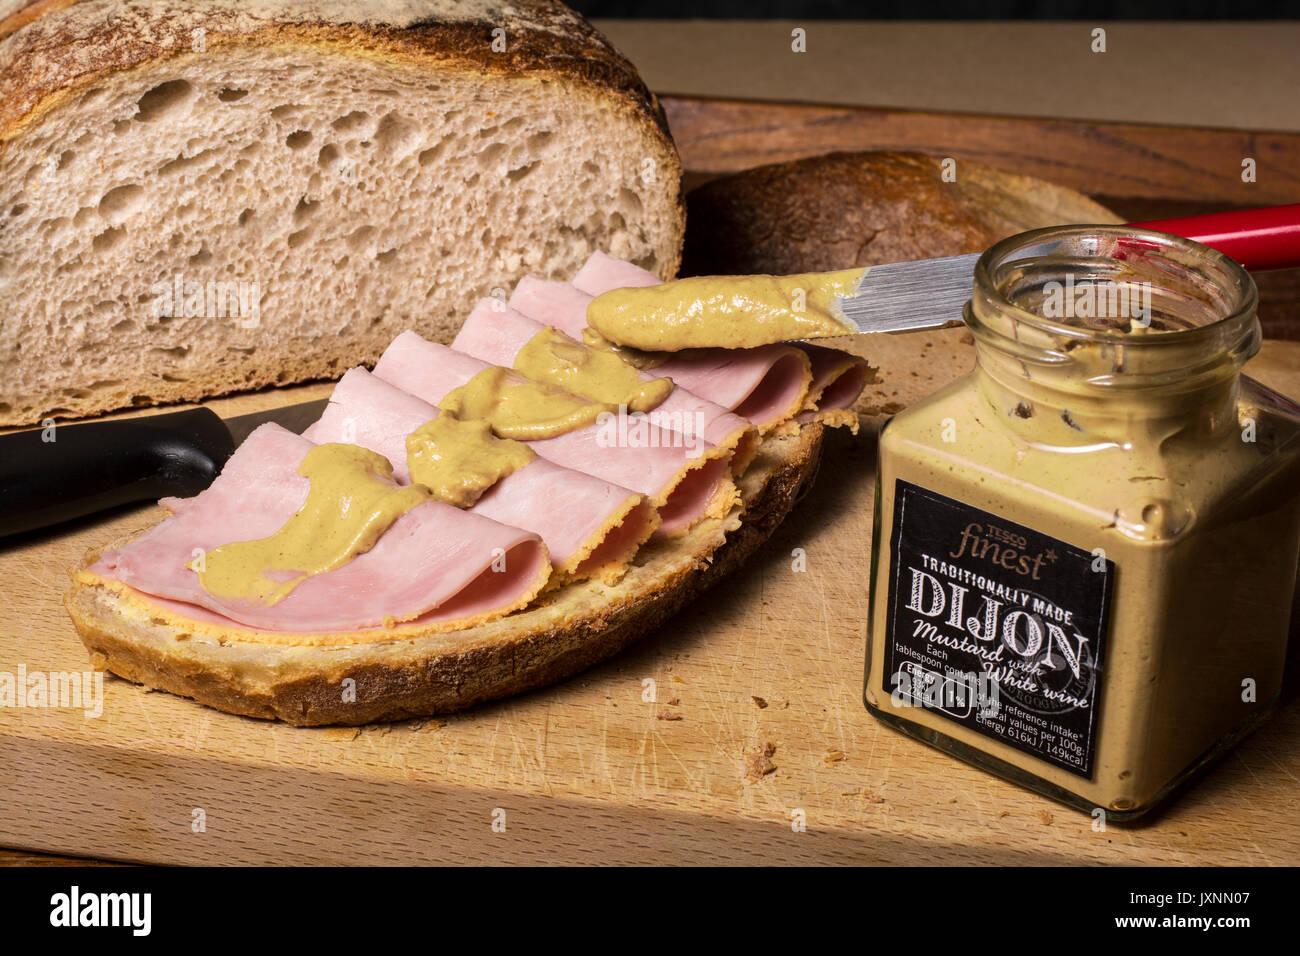 Sándwich de jamón con un montón de mostaza de Dijon Imagen De Stock